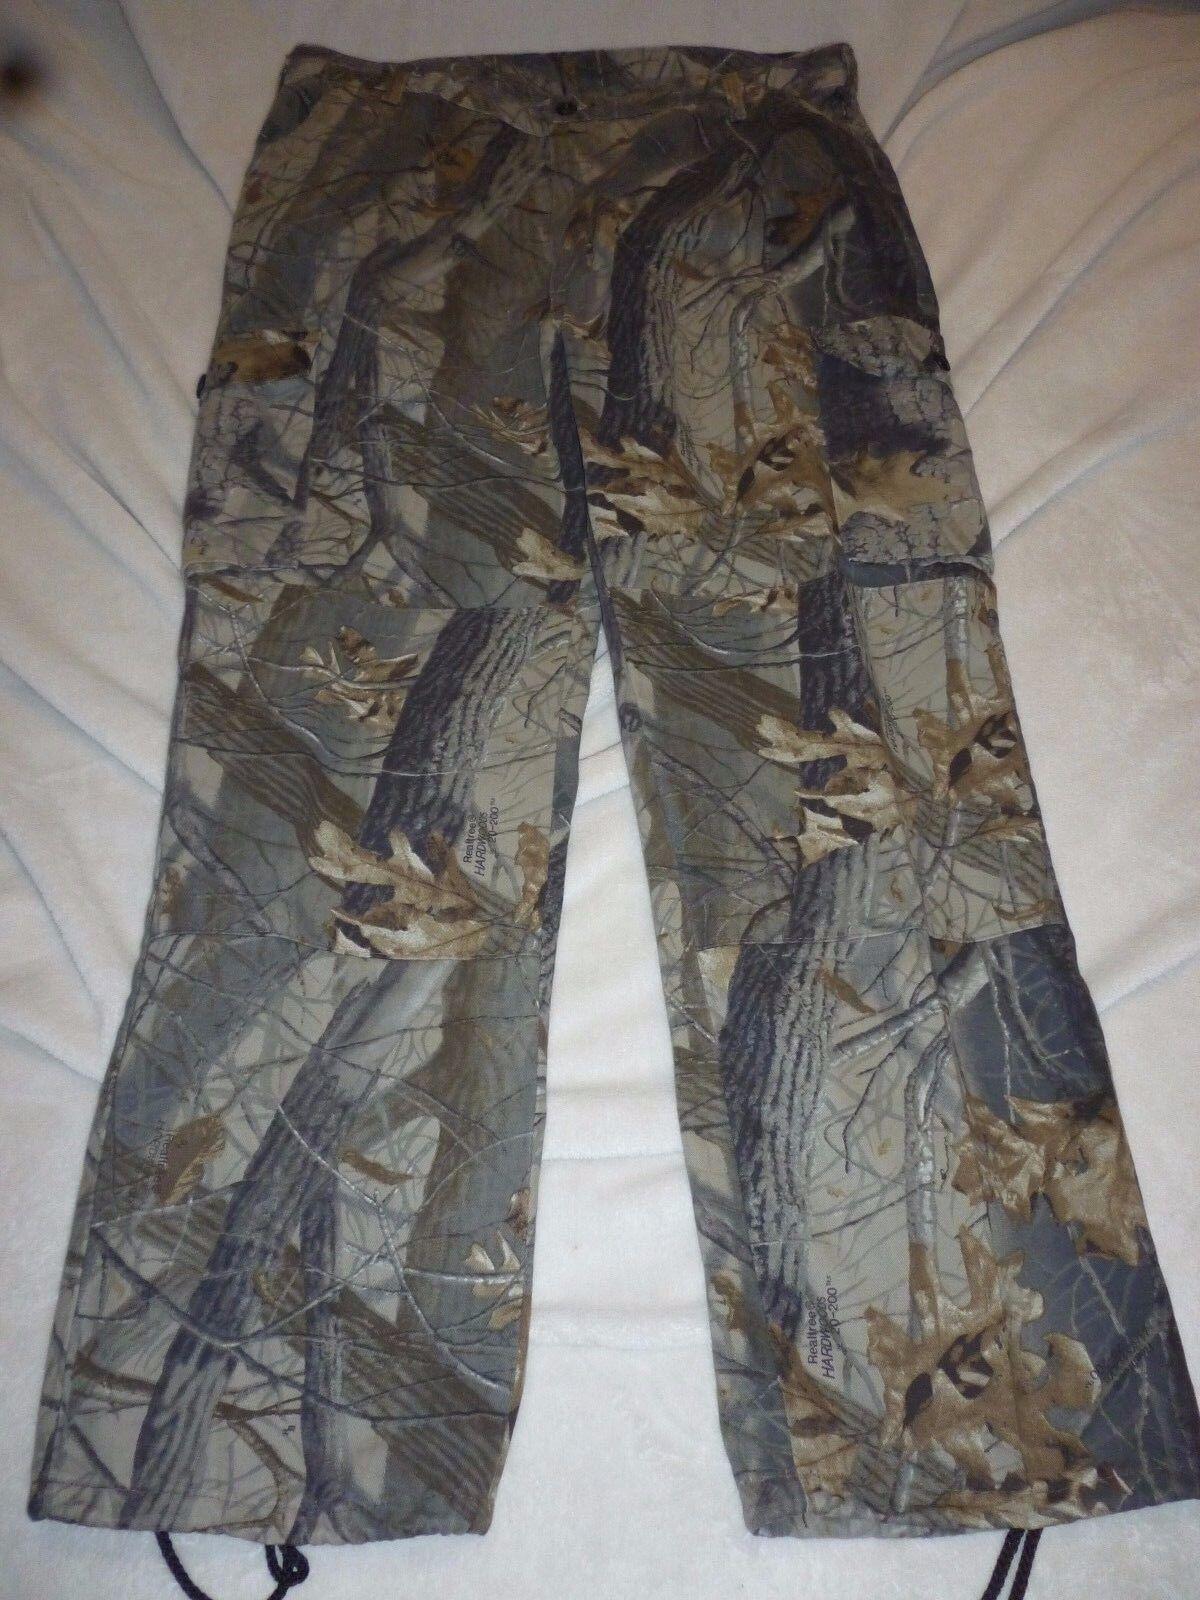 Hunting Pants, Realtree, Walls Outdoors, XL-Reg, EC, USA